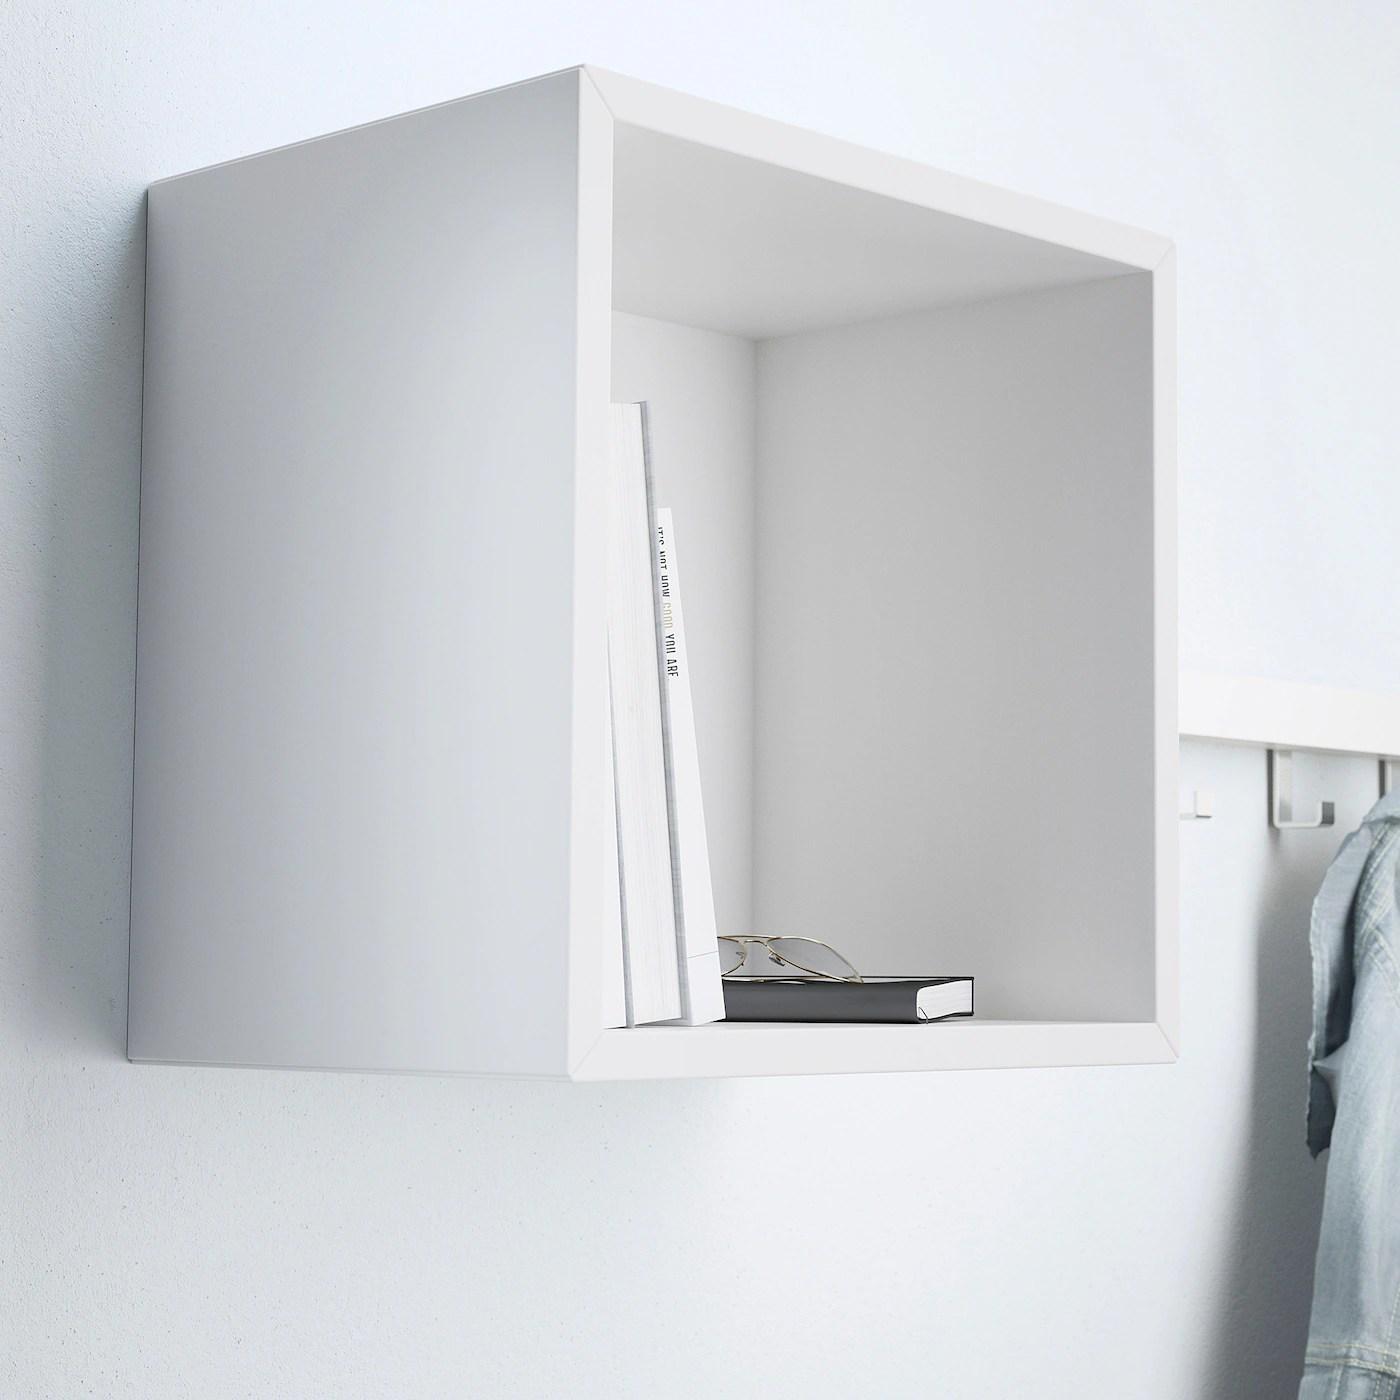 Paroladordine ingresso cassetti e mensole ha effetto mensole ikea leroy merlin e design consigli e foto. Eket Scaffale Da Parete Bianco Ikea It